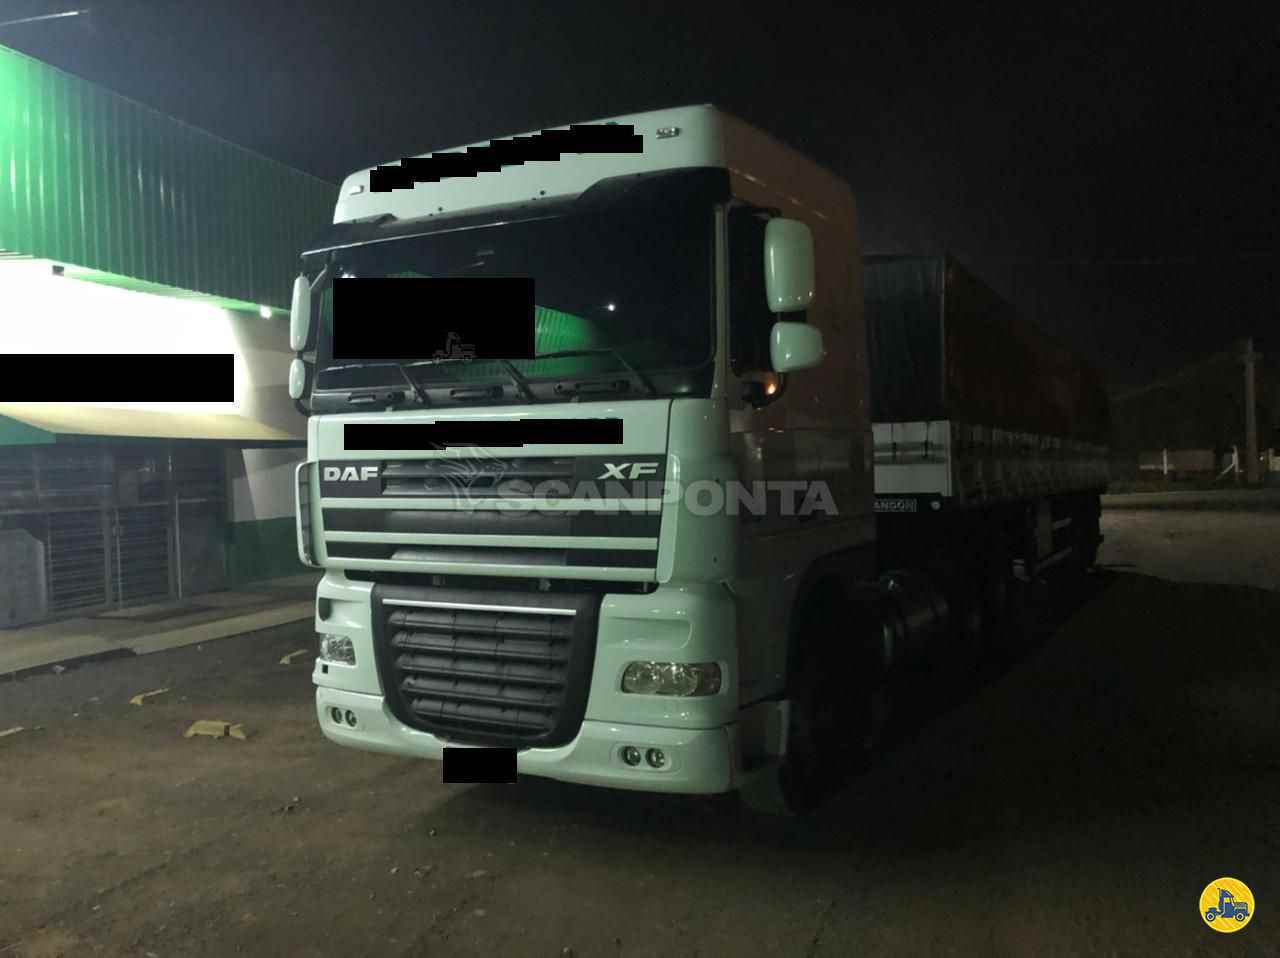 CAMINHAO DAF DAF XF105 460 Cavalo Mecânico Truck 6x2 Scanponta Caminhões Peças e Serviços PONTA GROSSA PARANÁ PR